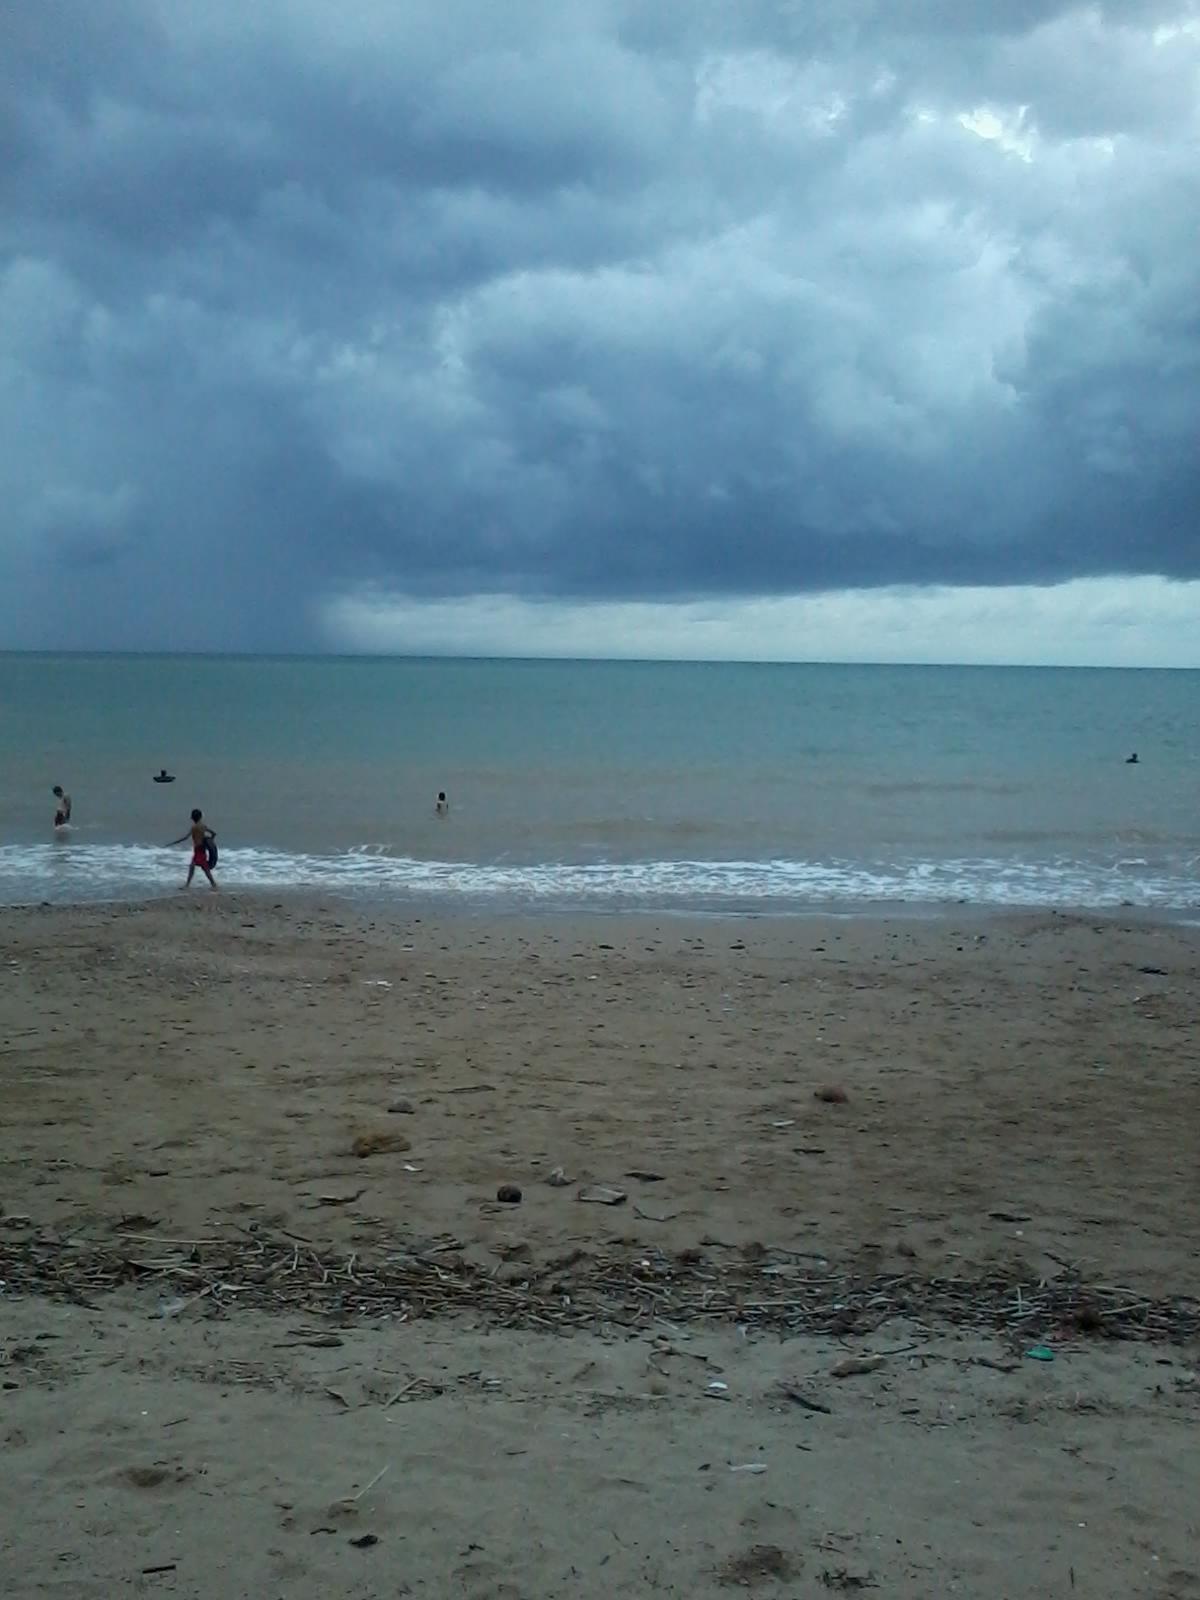 Pantai Lasiana Kota Kupang Ntt Haidi Barasa Masjid Raya Nurussaadah